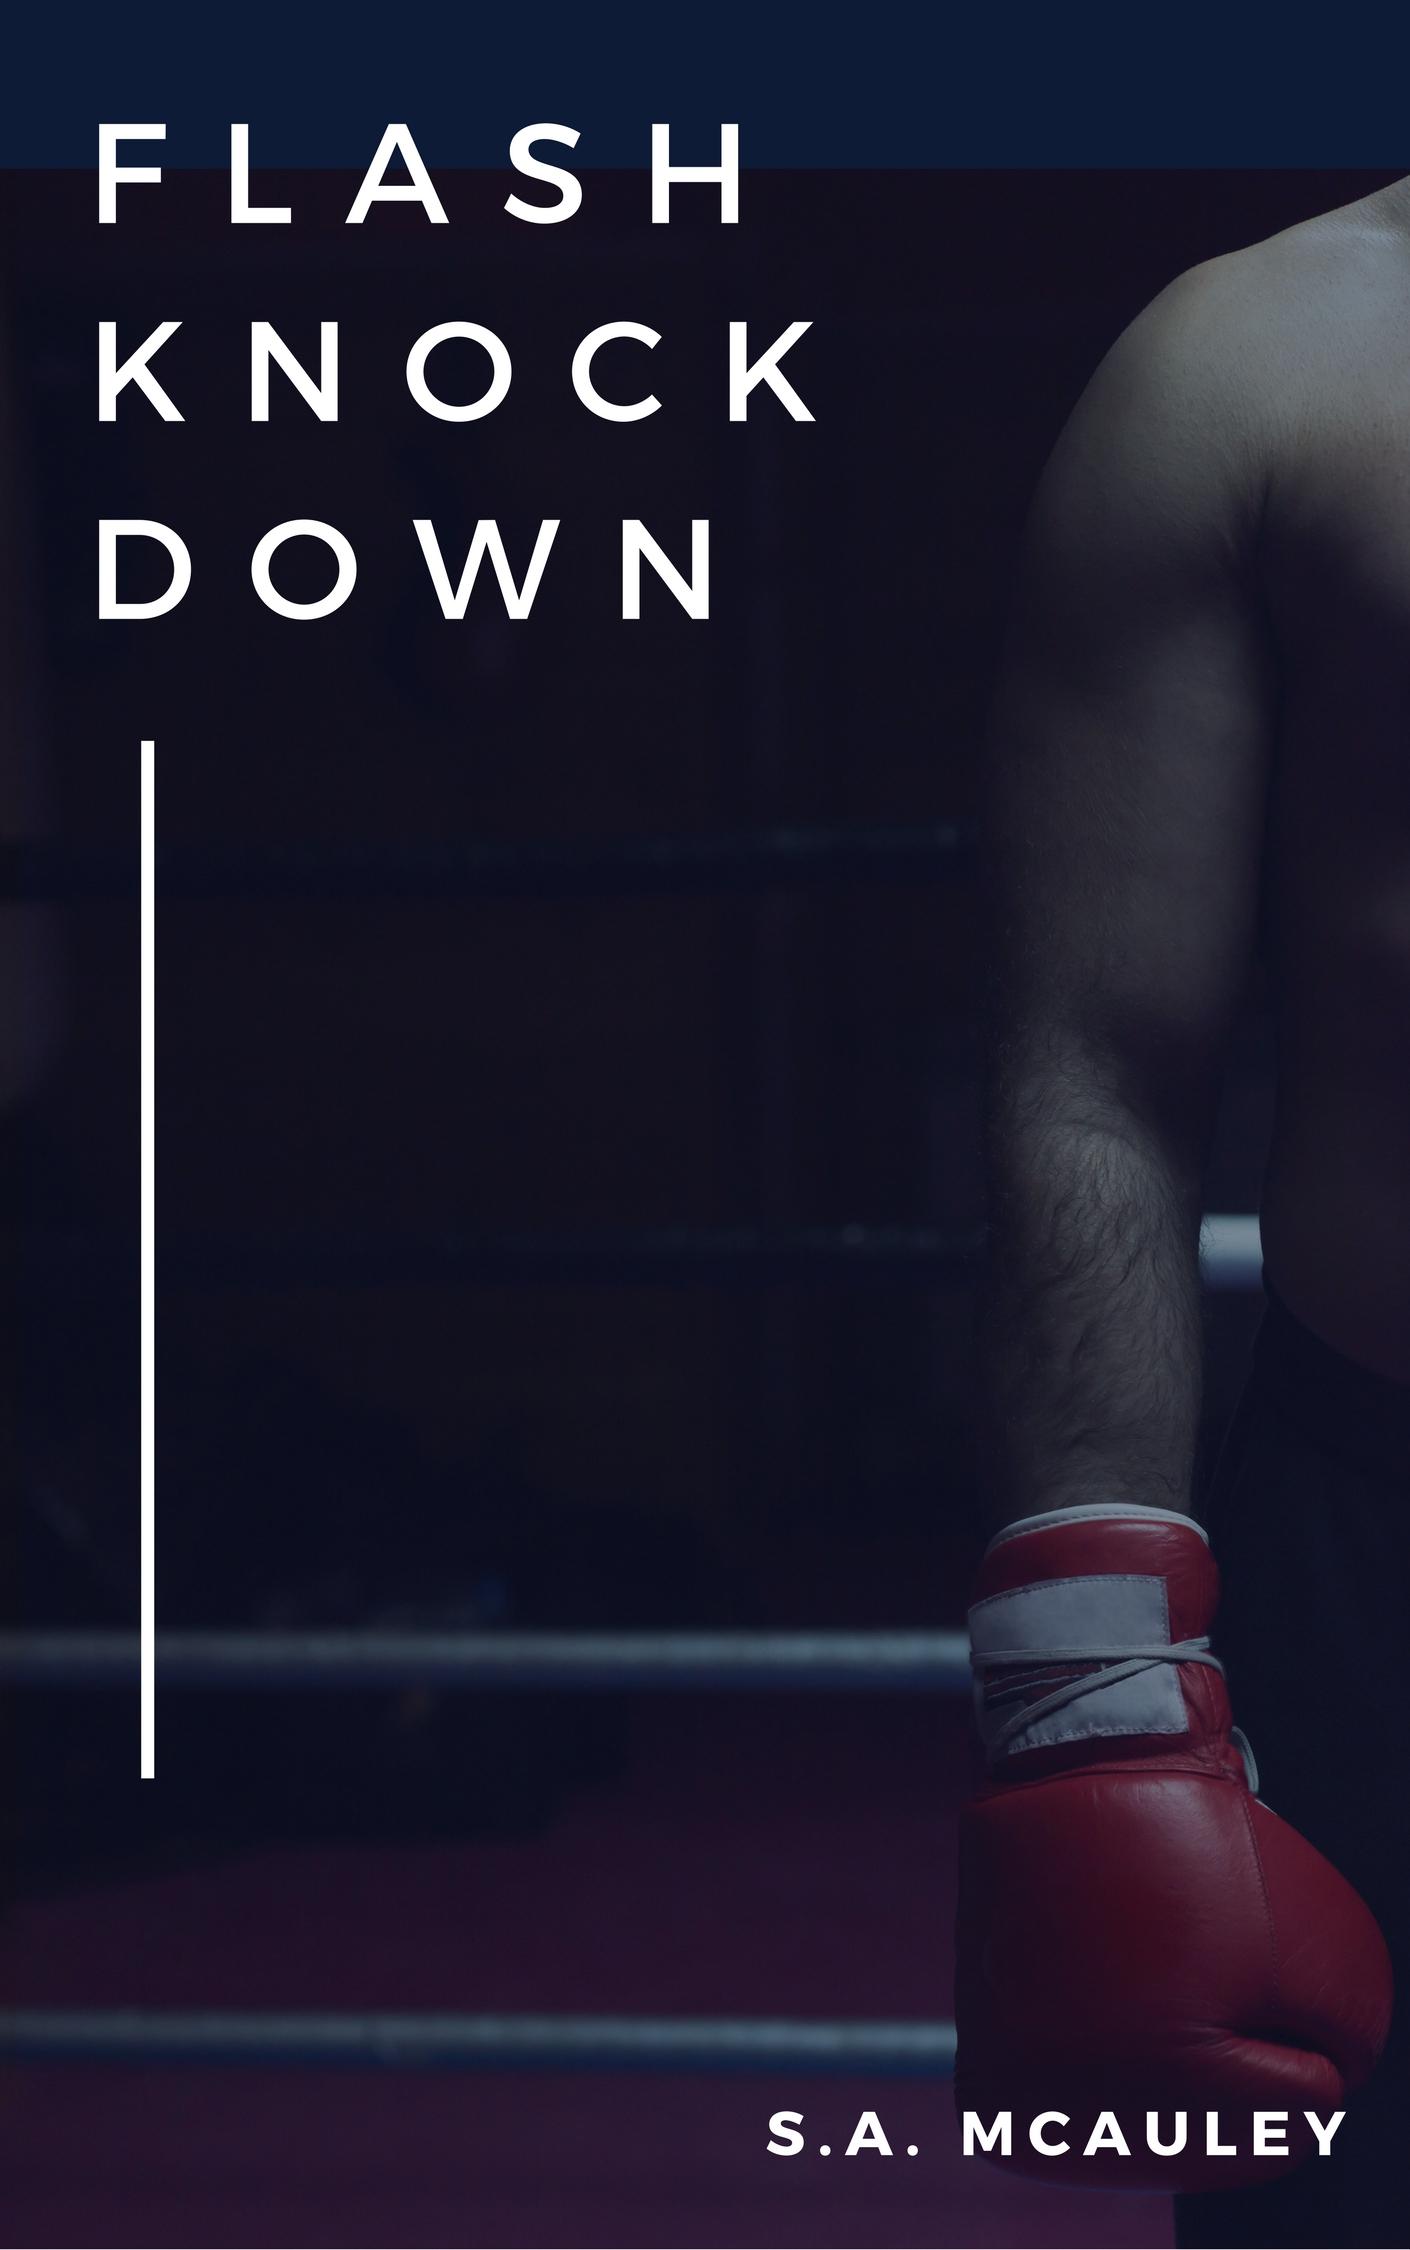 Flash Knockdown.jpg